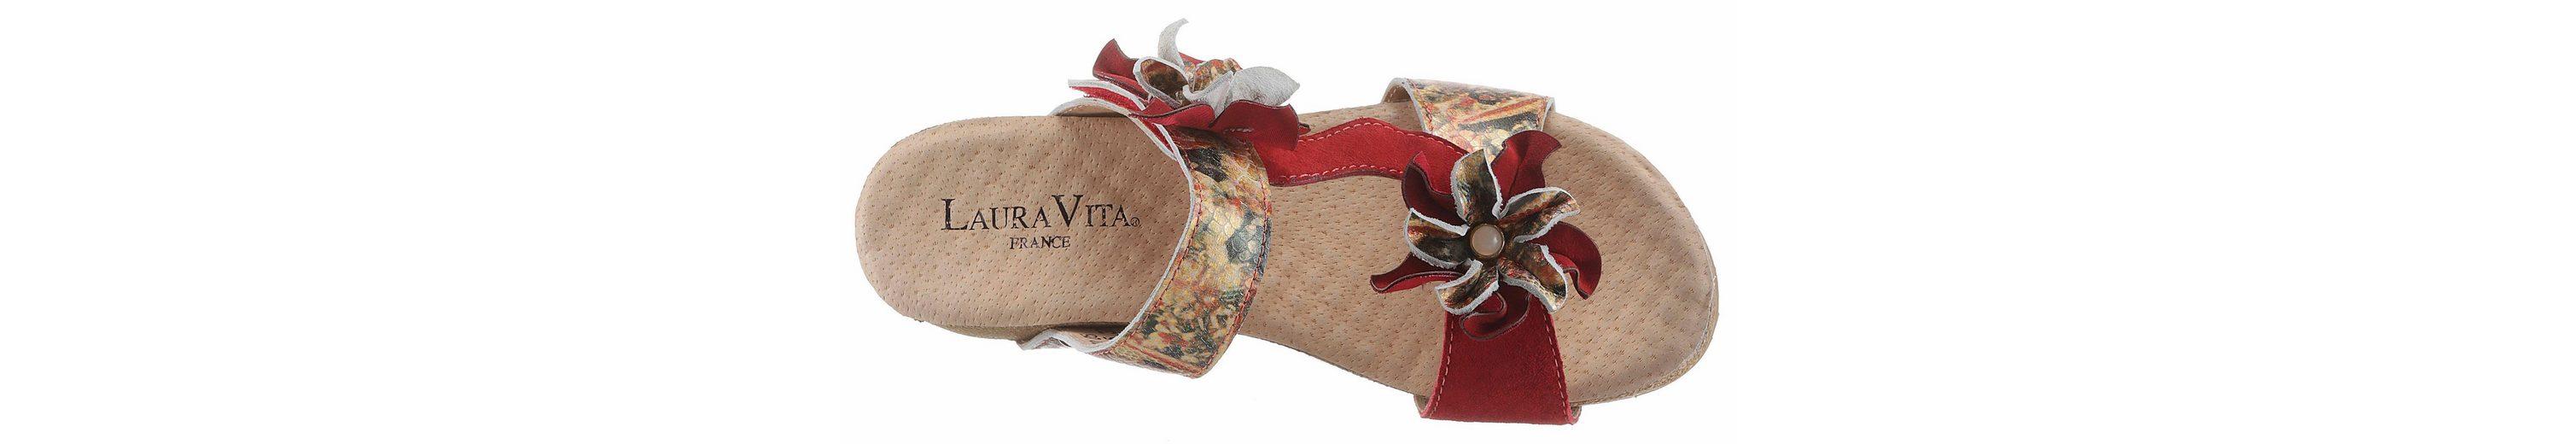 LAURA VITA Bingo Pantolette, mit schöner Blütenverzierung